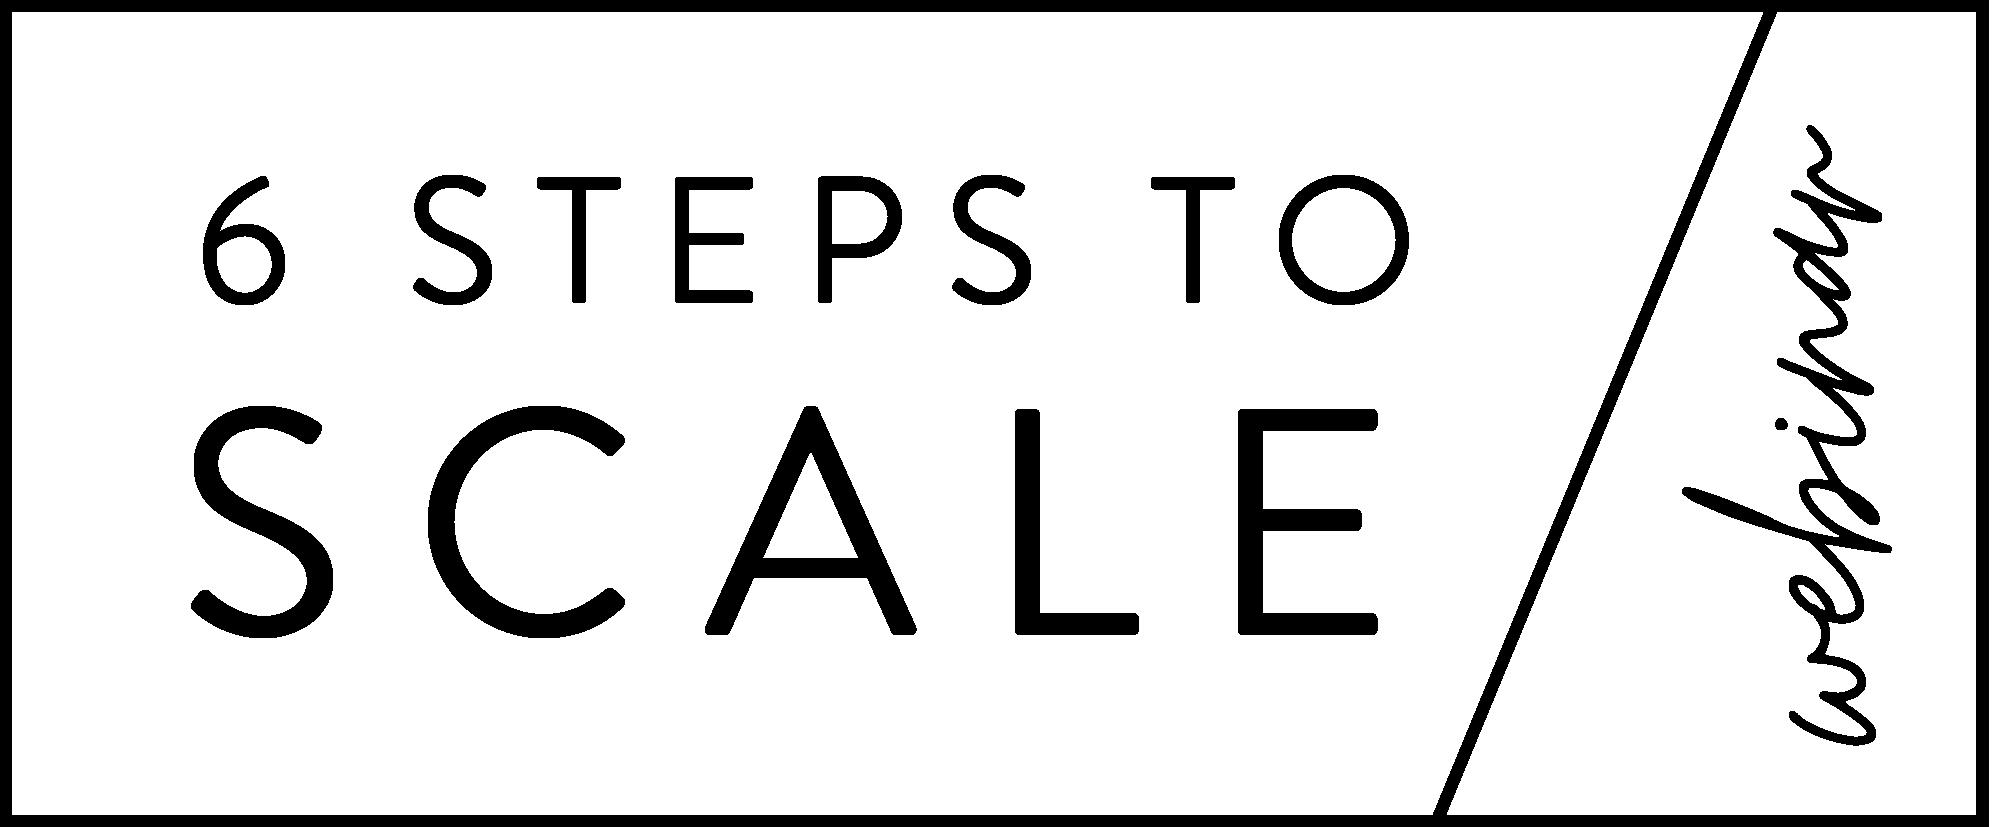 SixSteps_Logo_Asset 1